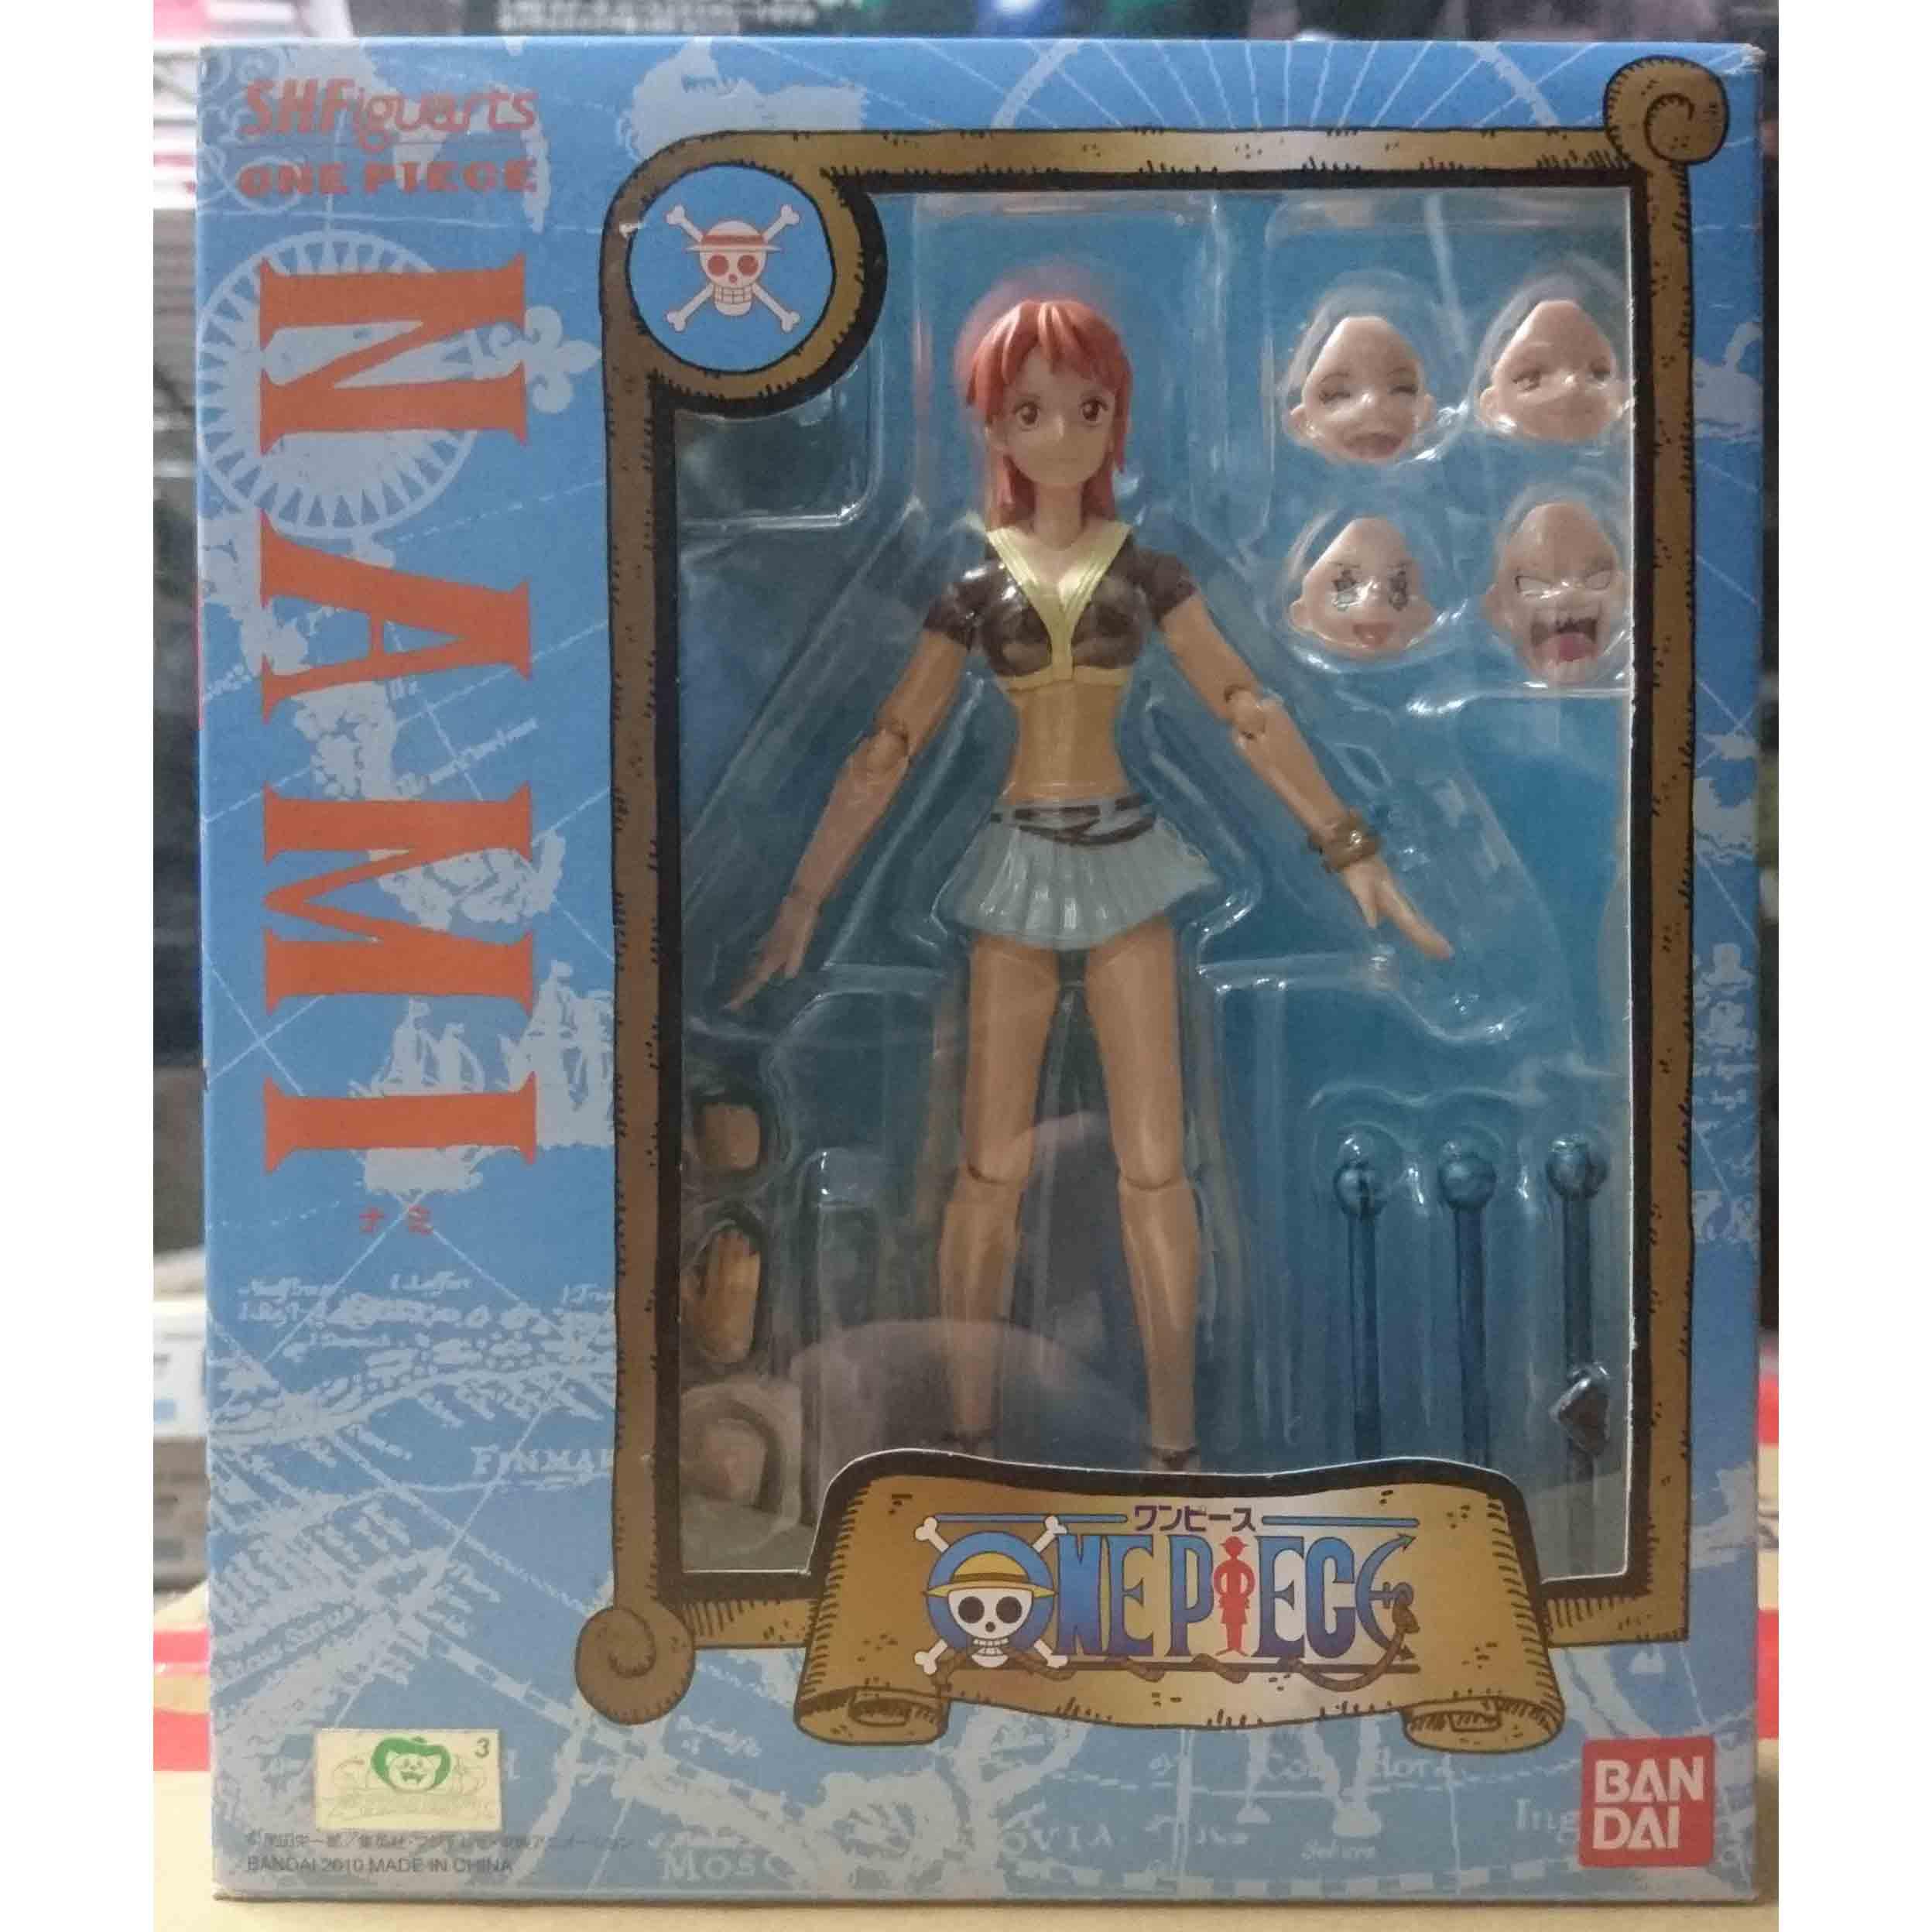 S.H.Figuarts SHF 海賊王 航海王 娜美,益祥模型玩具外盒實拍照片。